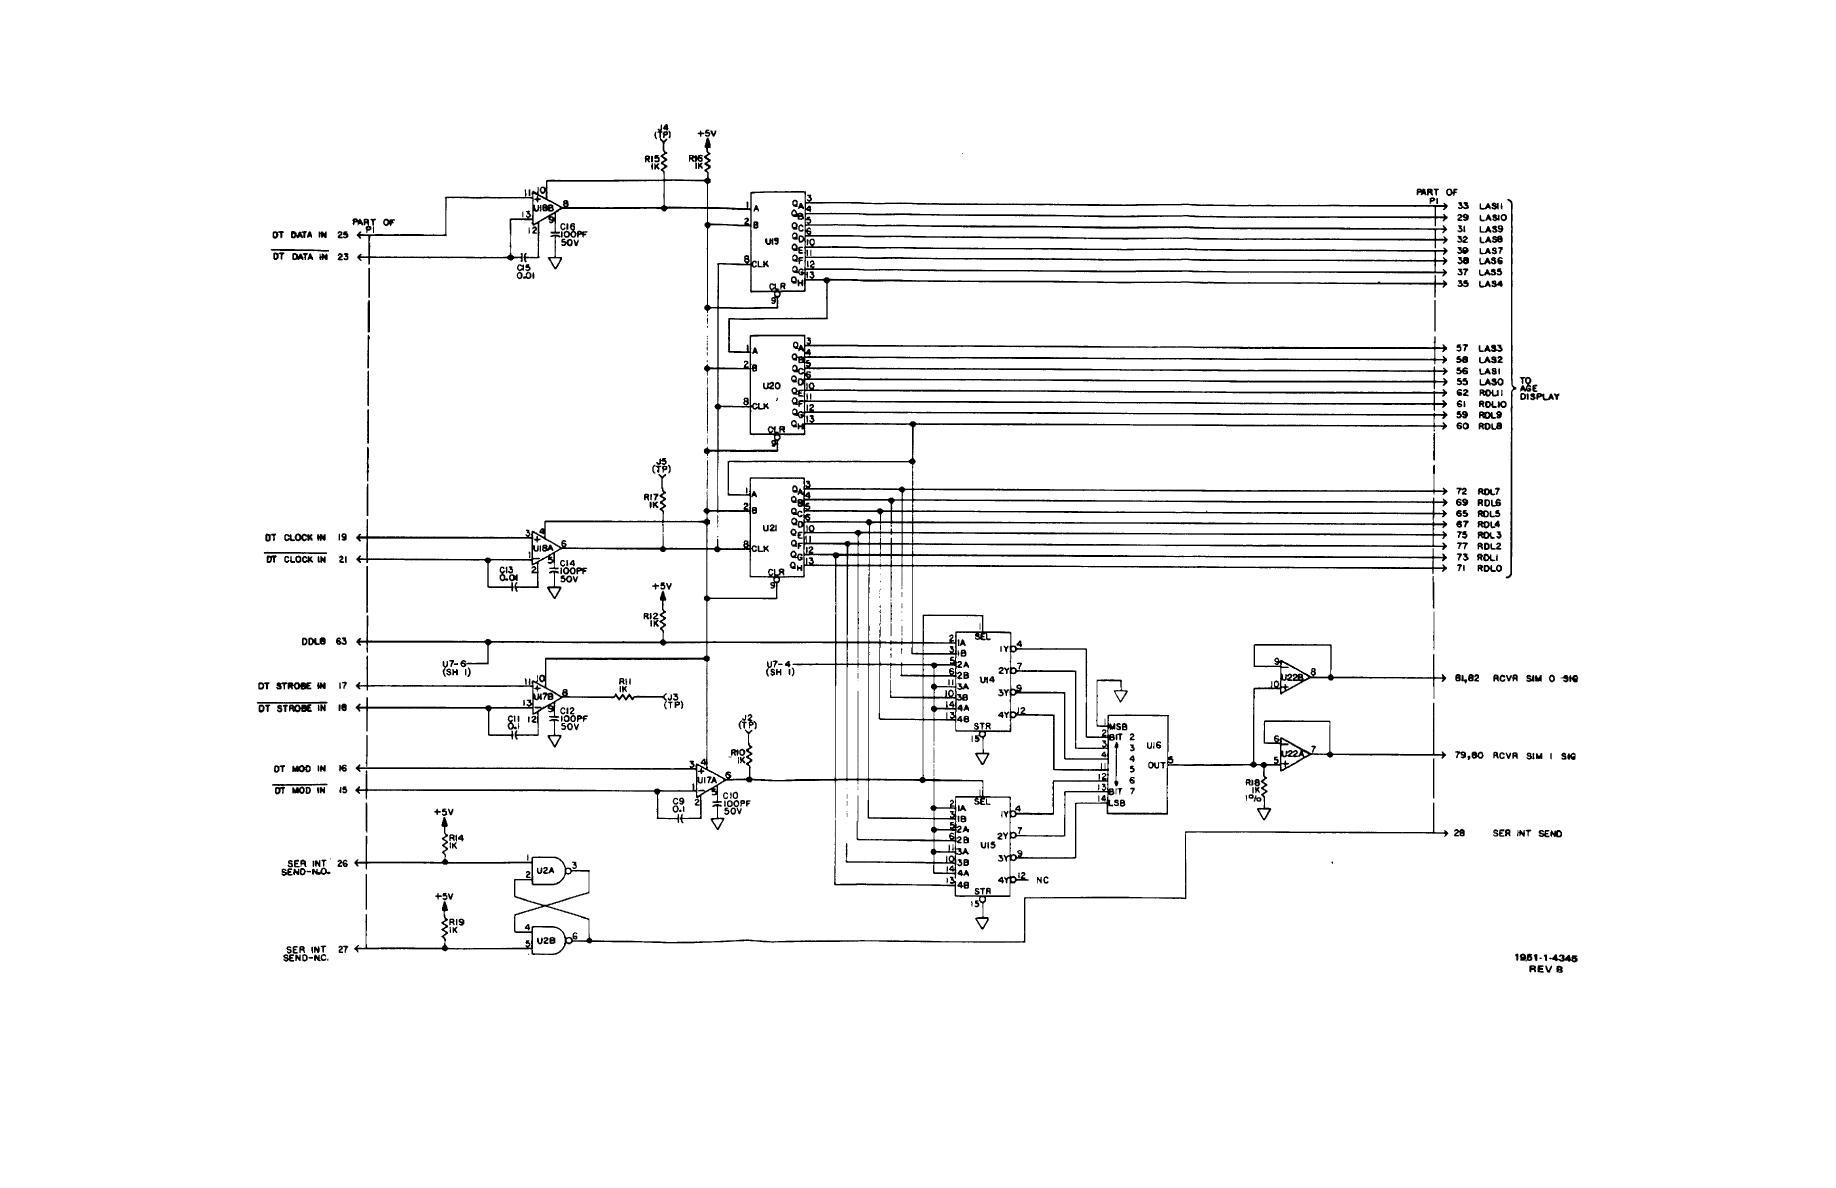 Figure FO-11. RF Processor Simulator CCA A5 Schematic